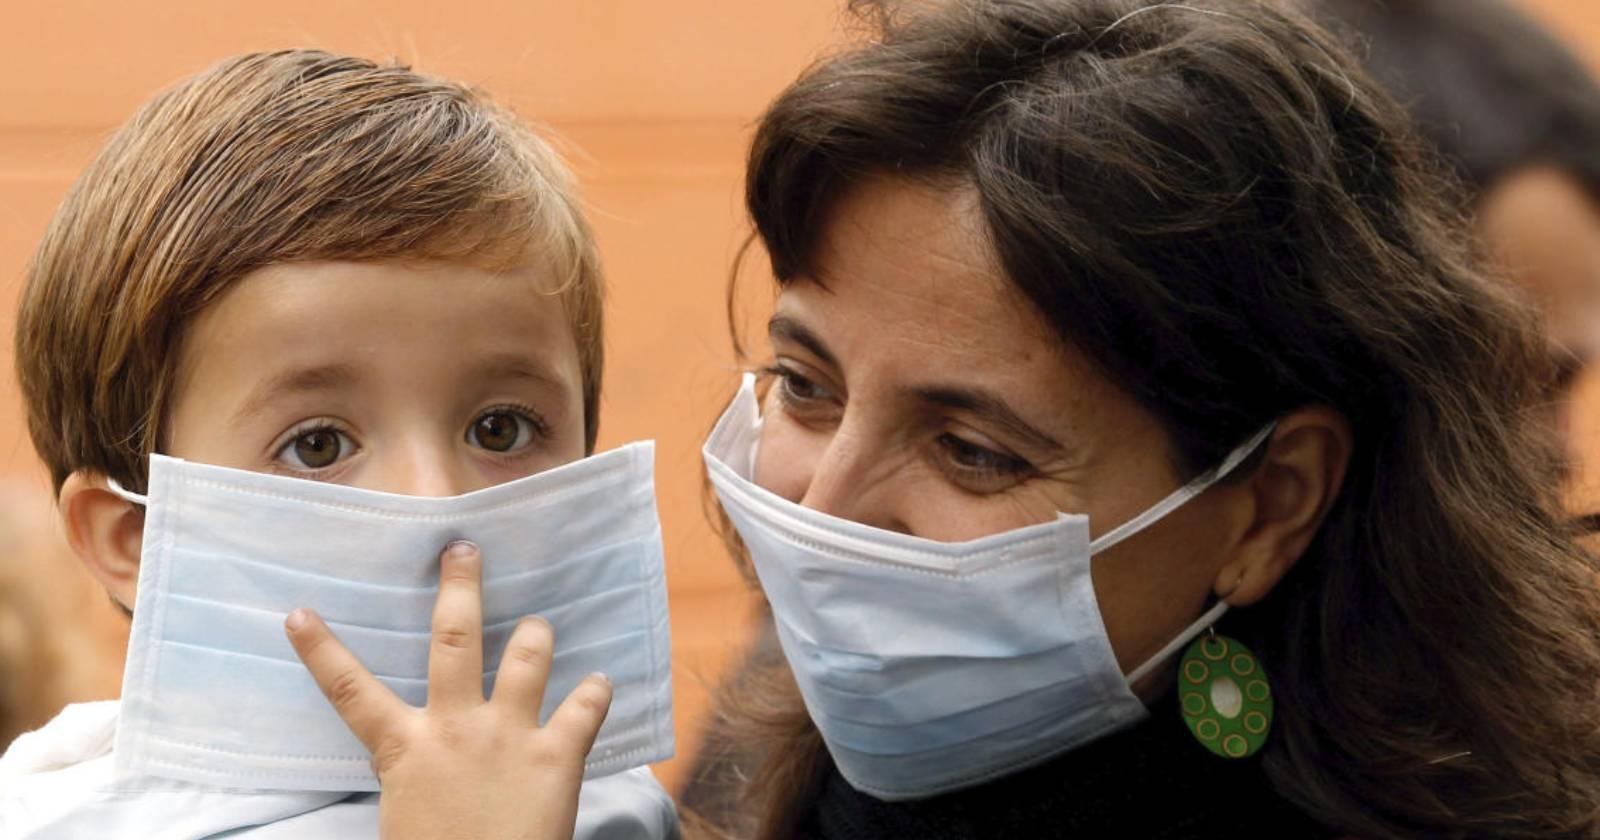 Estudio indica que niños menores de cinco años tienen una carga viral de coronavirus más altaque los adultos